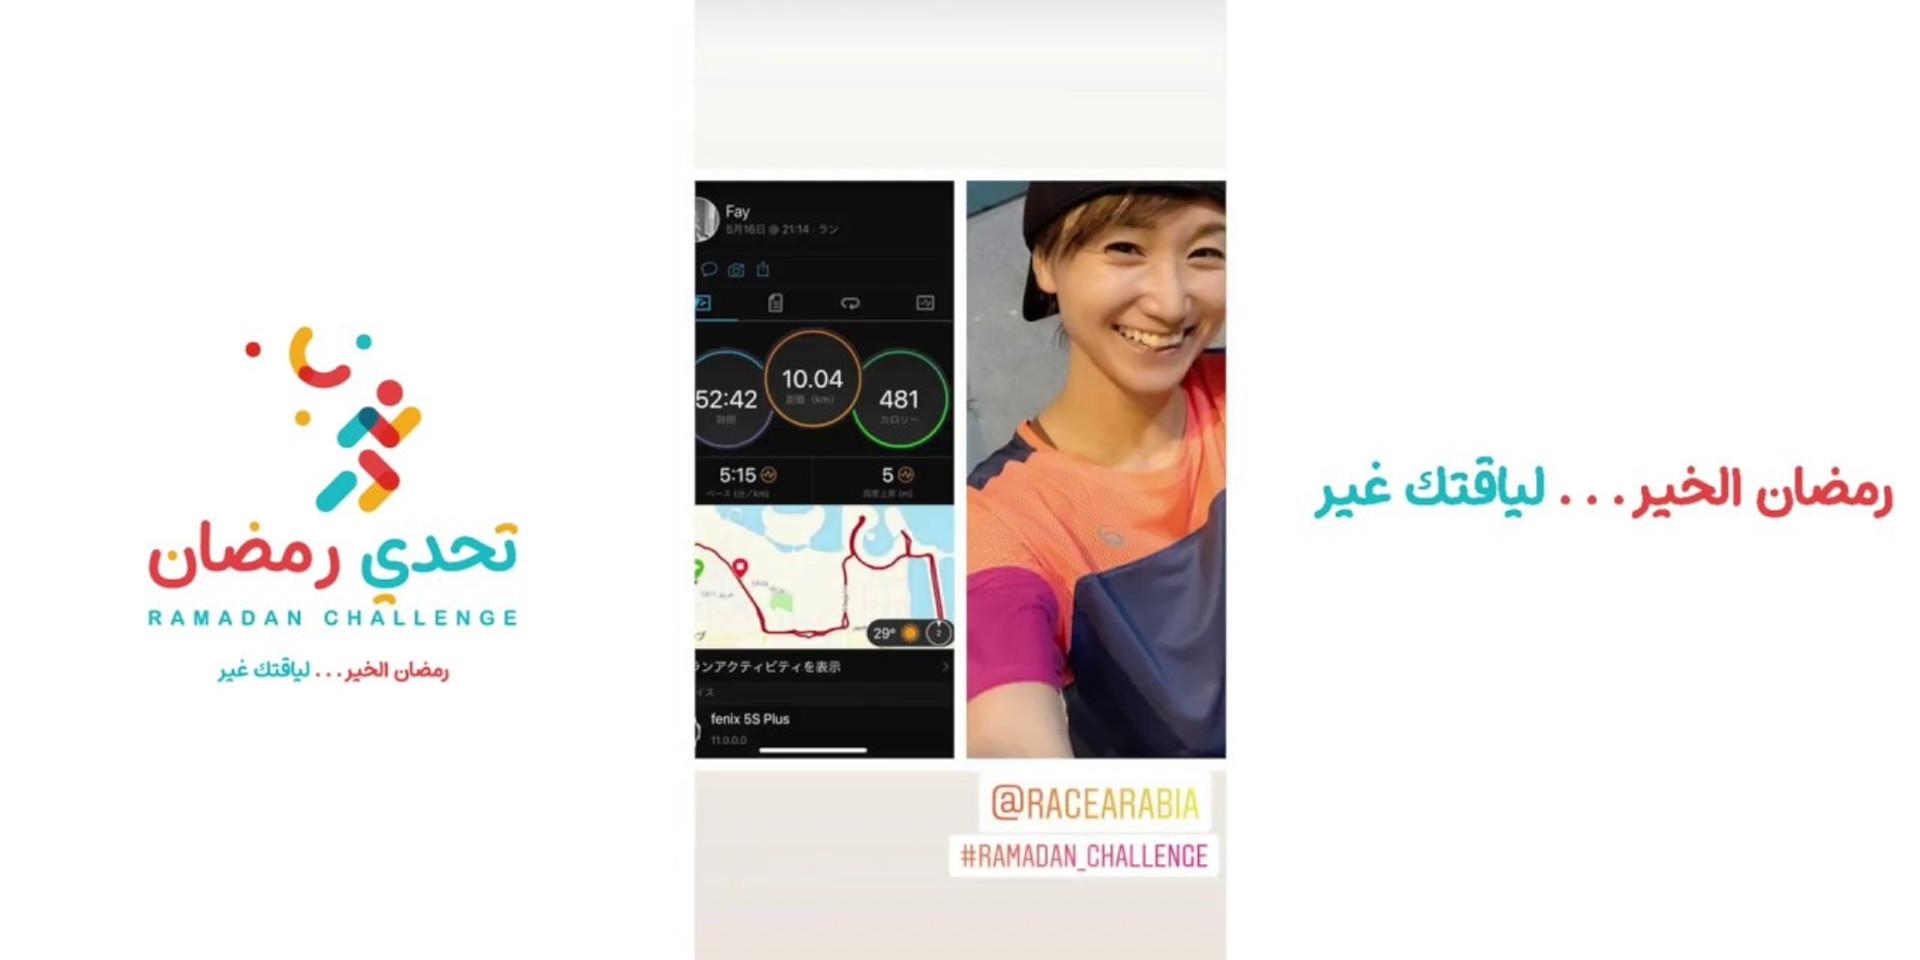 Ramadan Challenge - Race #3